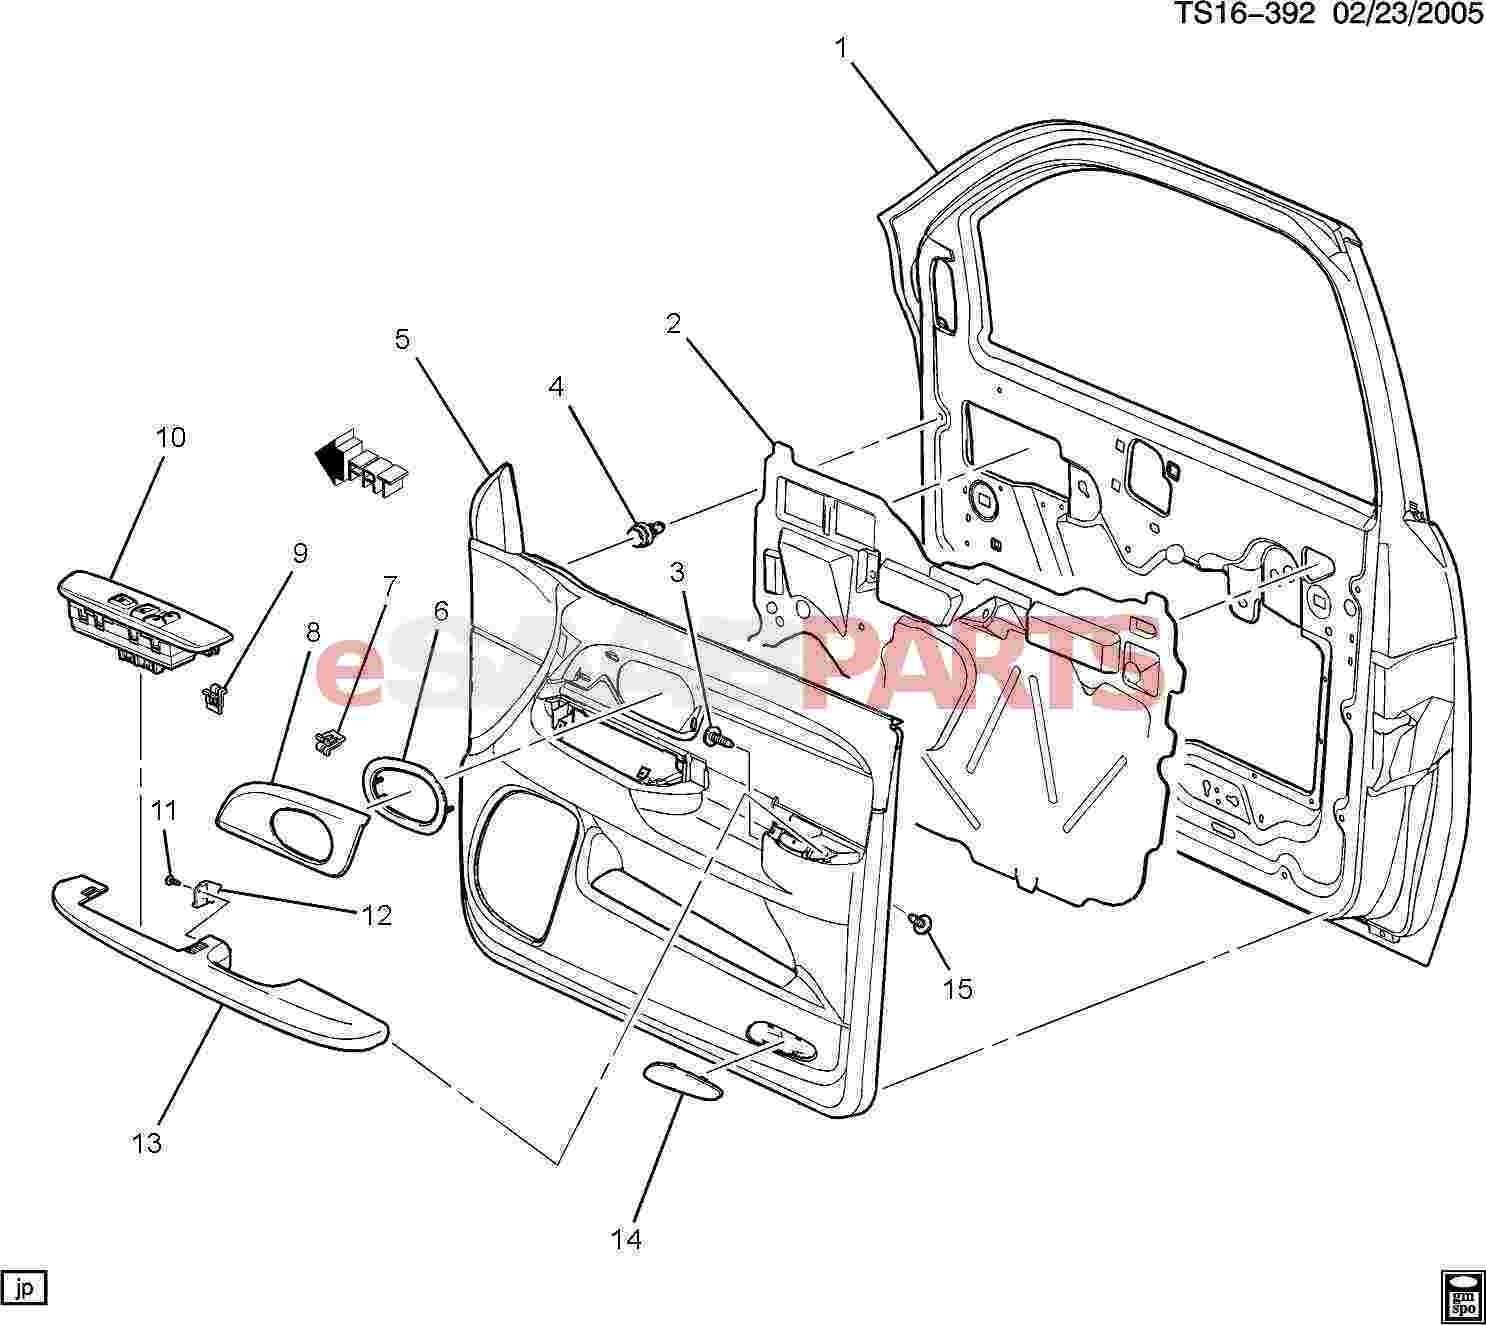 Car Body Parts Diagram Esaabparts Saab 9 7x Car Body Internal Parts Door Parts Of Car Body Parts Diagram